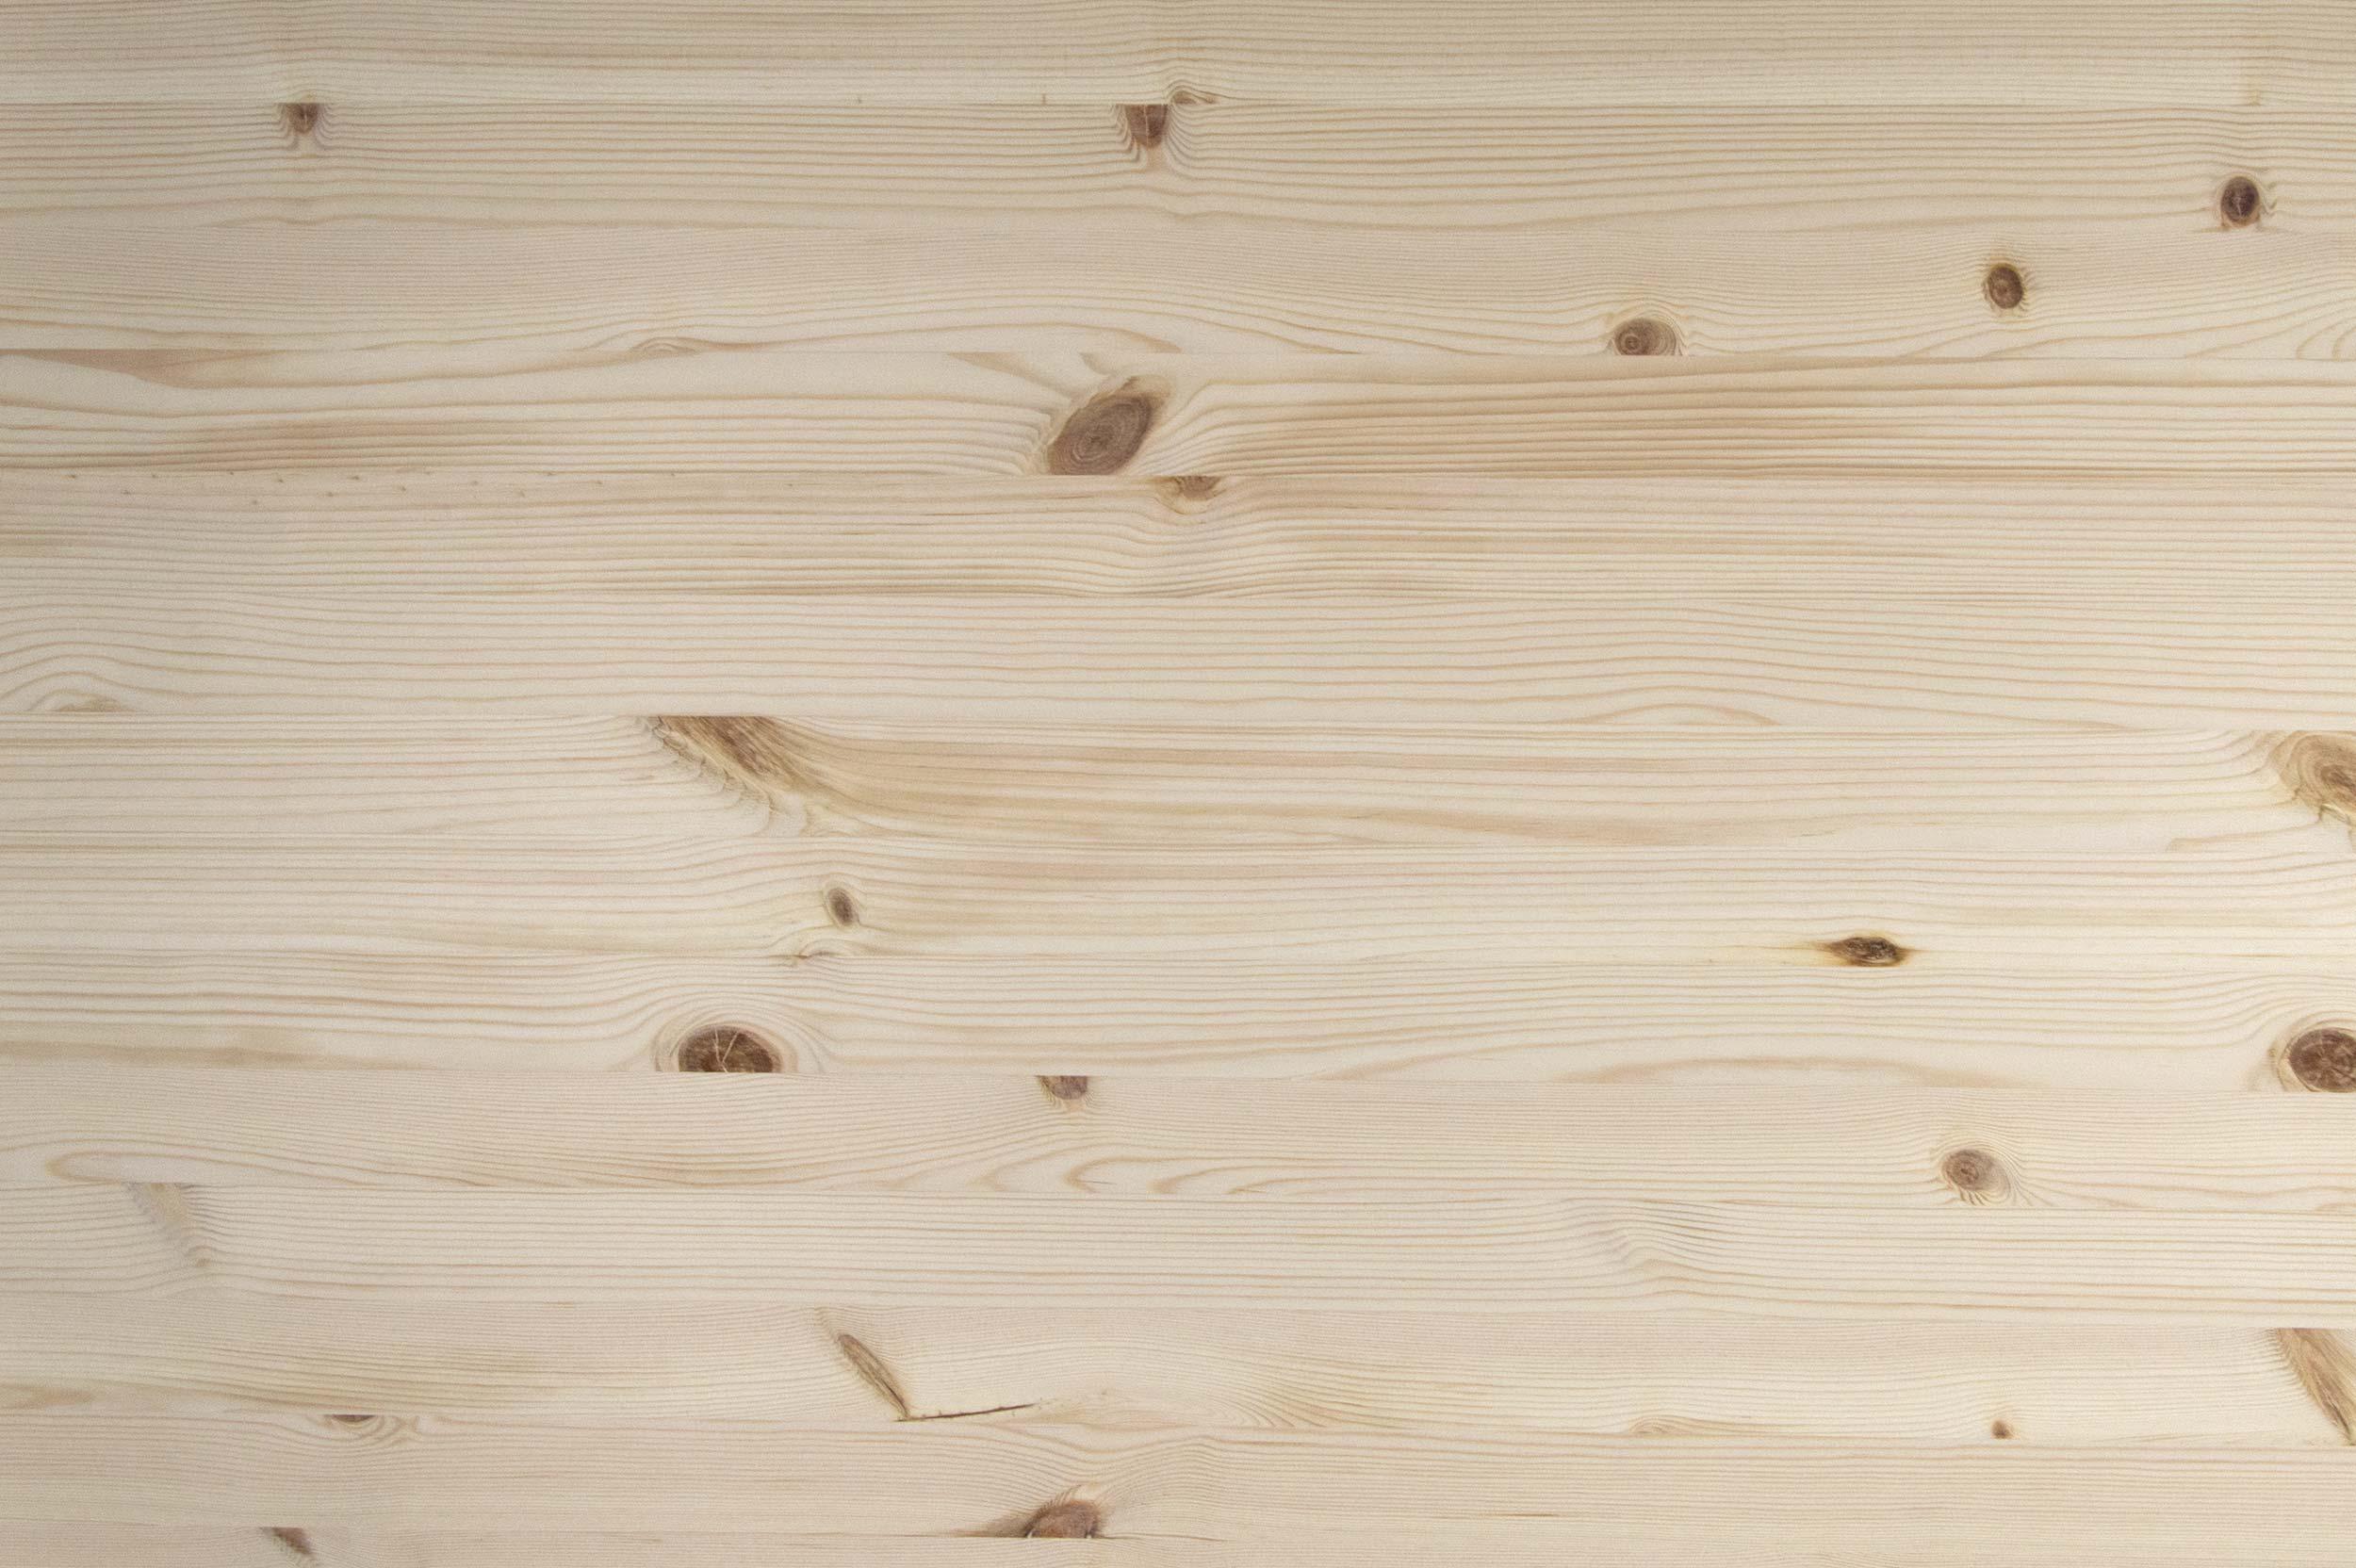 Pannelli Legno Senza Formaldeide pannelli lamellari pino monostrato - legnolinea benetazzo